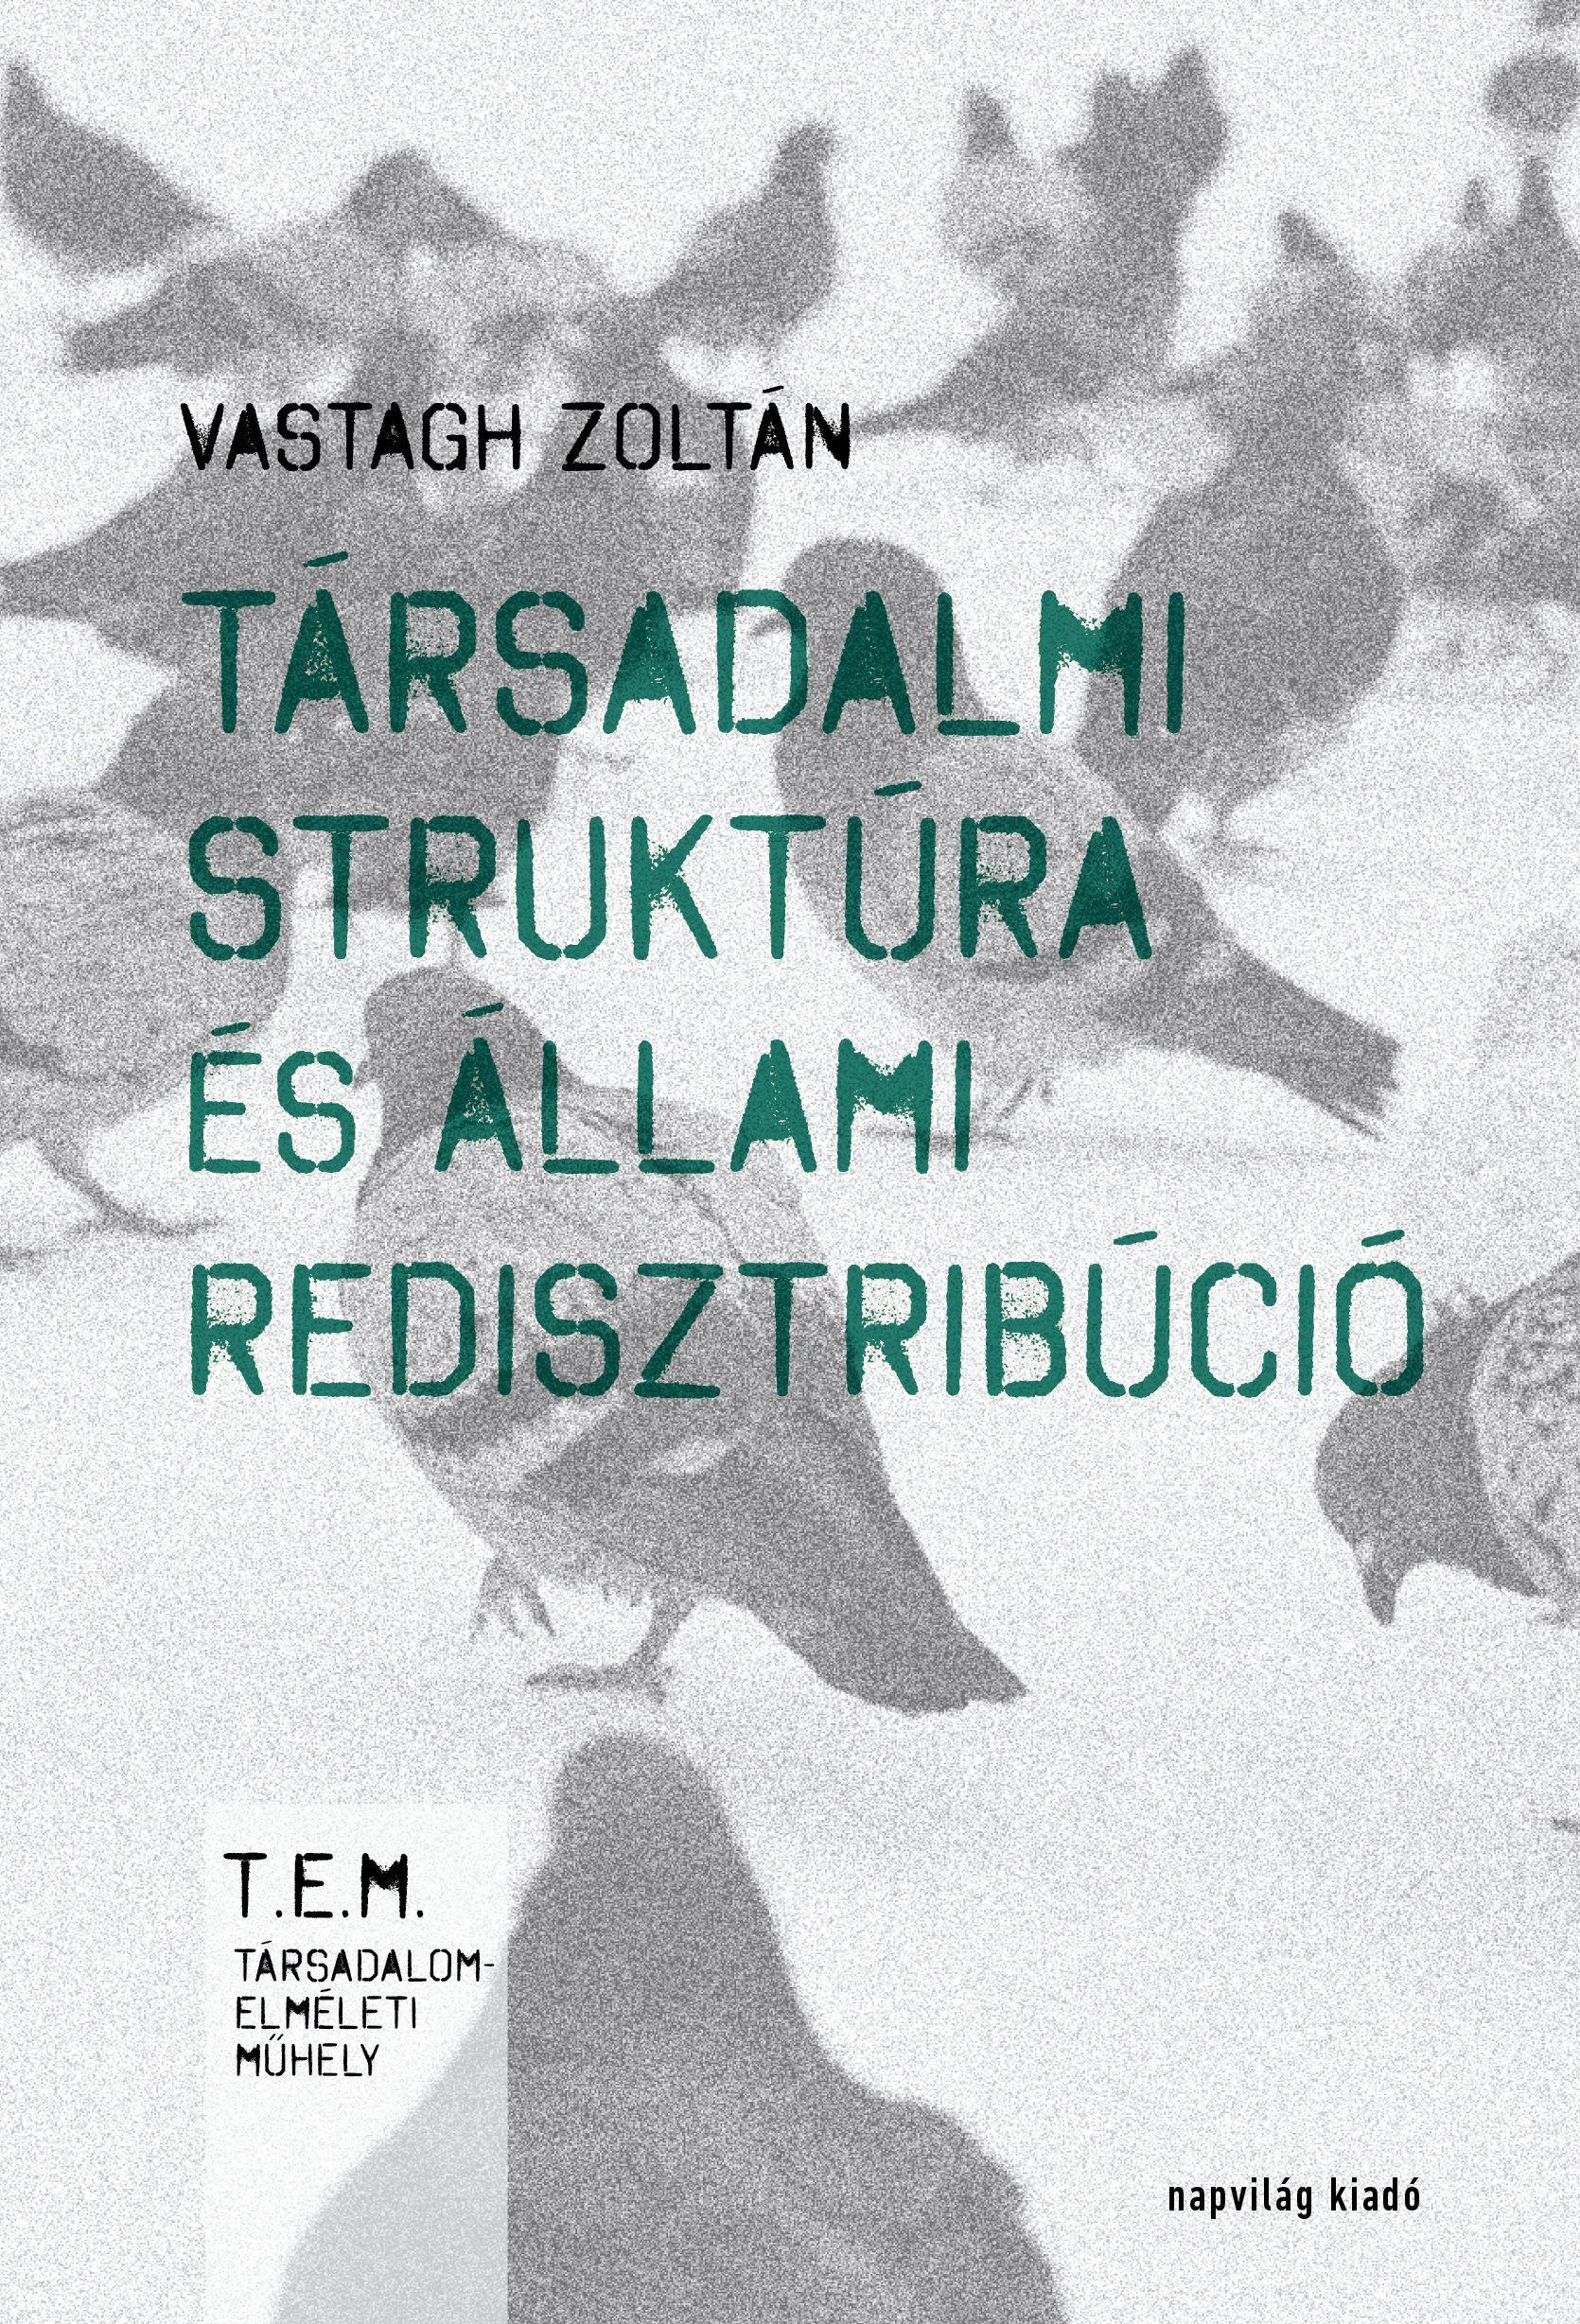 TÁRSADALMI STRUKTÚRA ÉS ÁLLAMI REDISZTRIBÚCIÓ